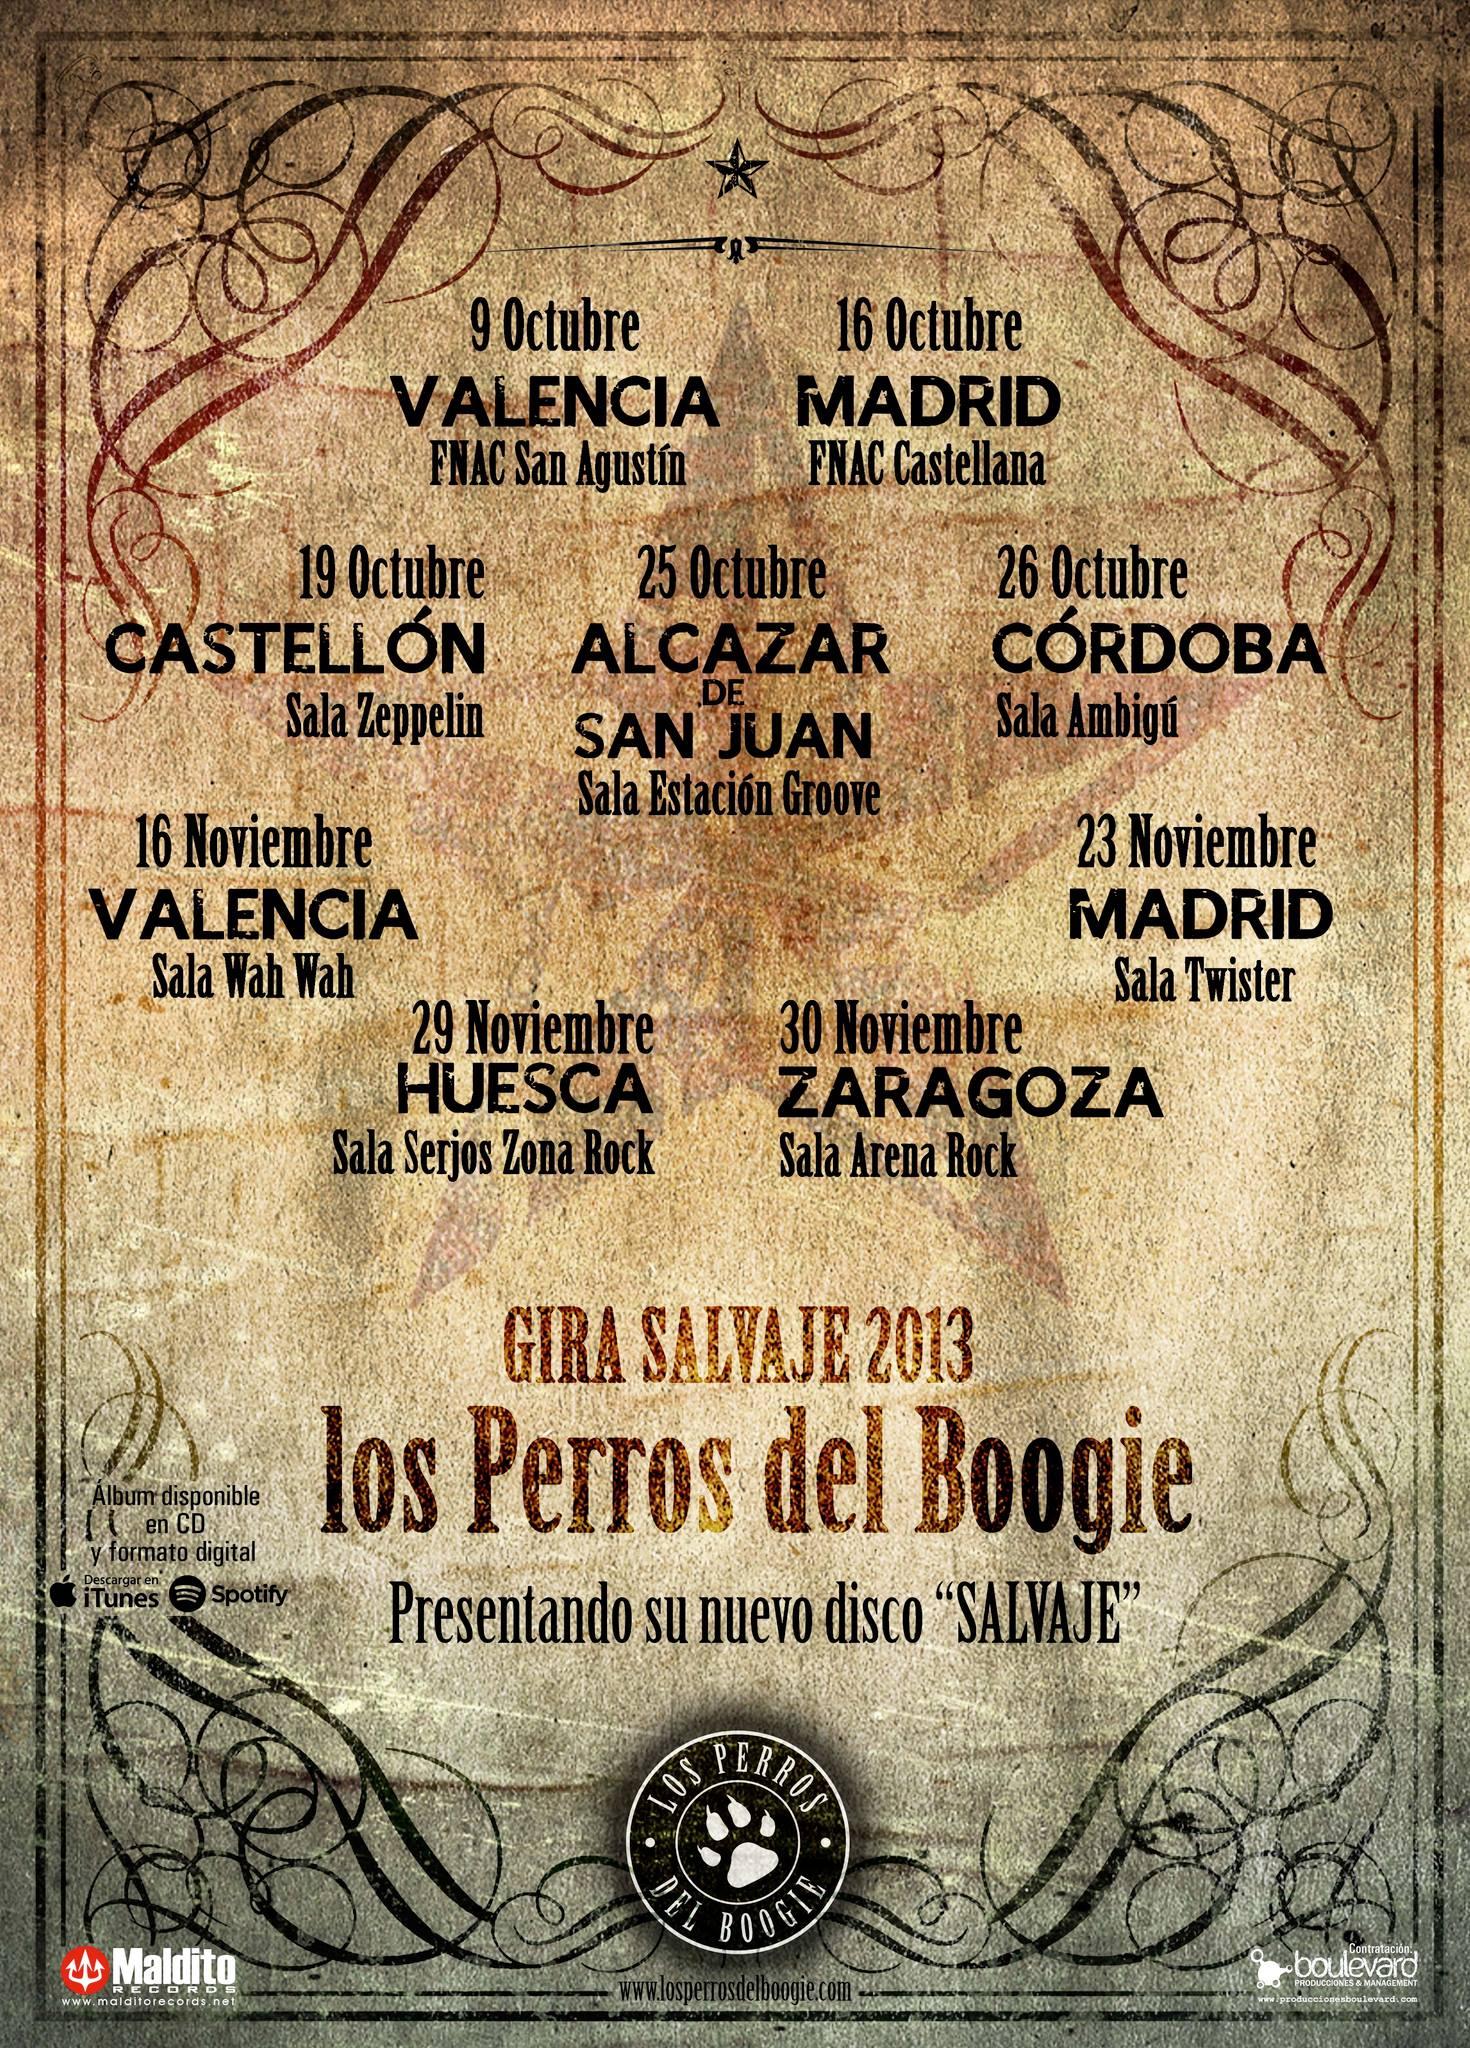 LOS PERROS DEL BOOGIE gira salvaje 2013